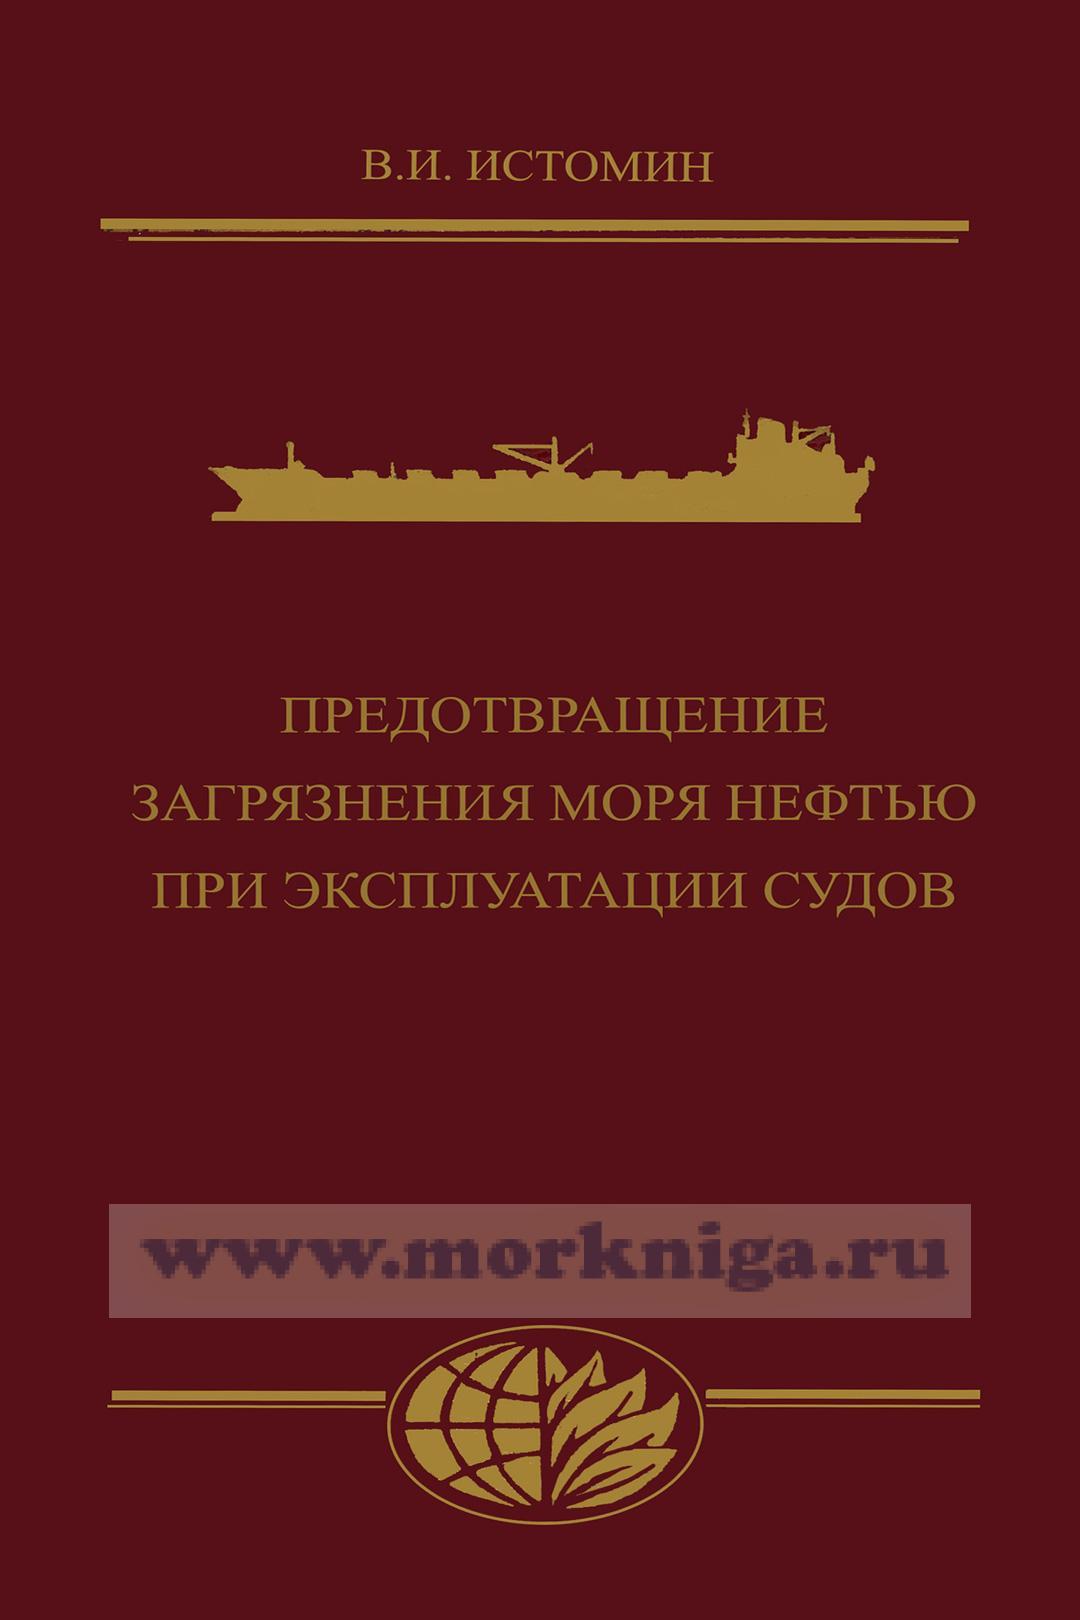 Предотвращение загрязнения моря нефтью при эксплуатации судов. Учебное пособие